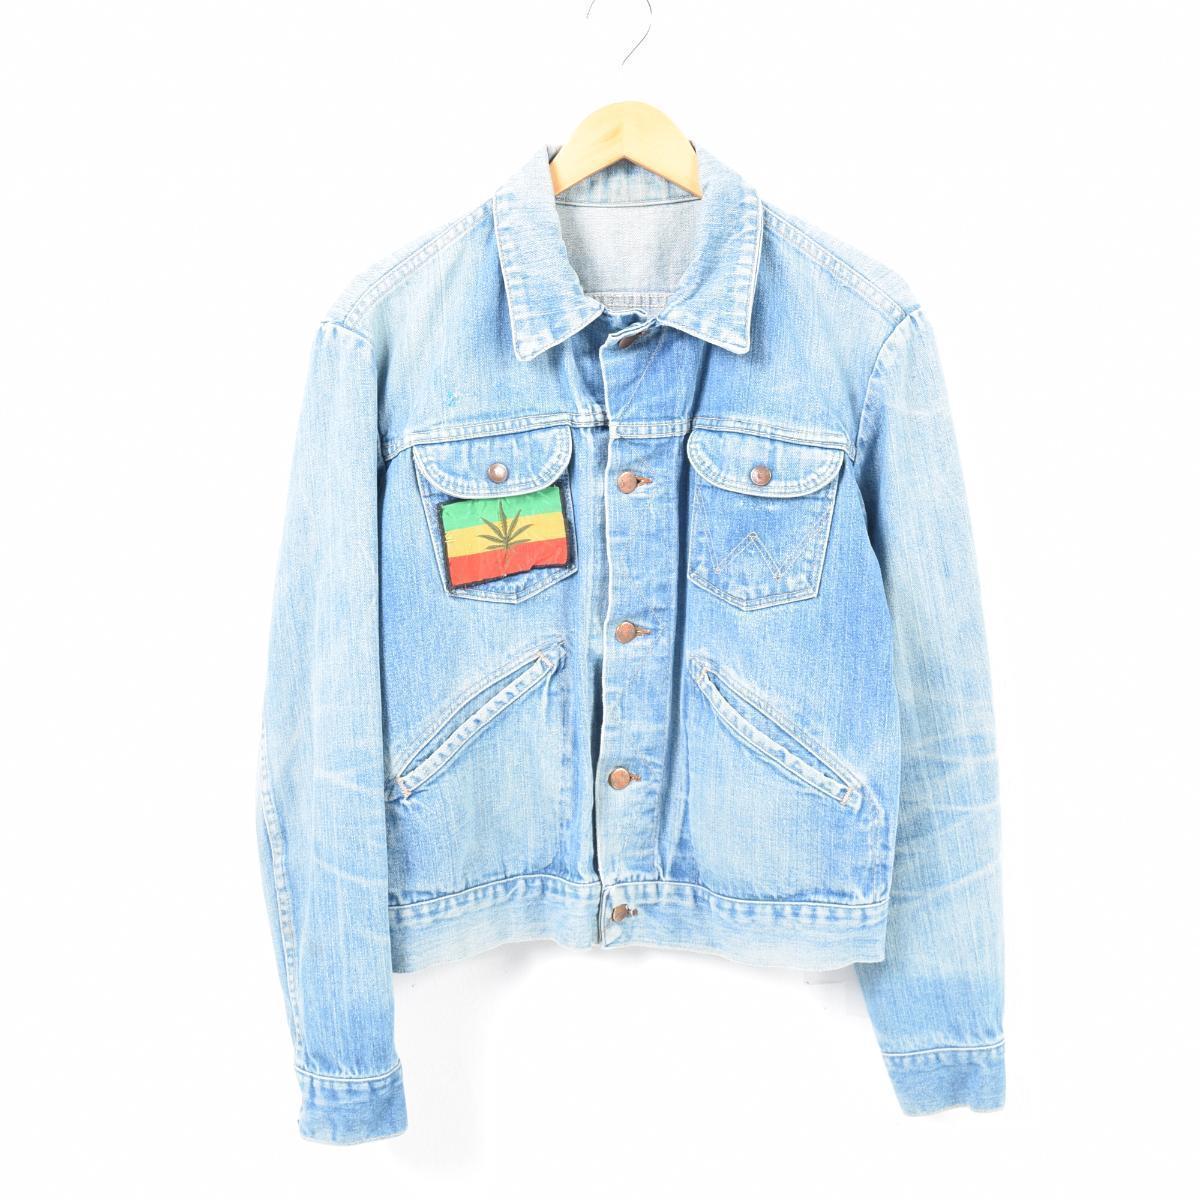 Wrangler Wrangler AC/DC ganjah raster color emblem custom denim jacket G  Jean men M vintage /wam4517